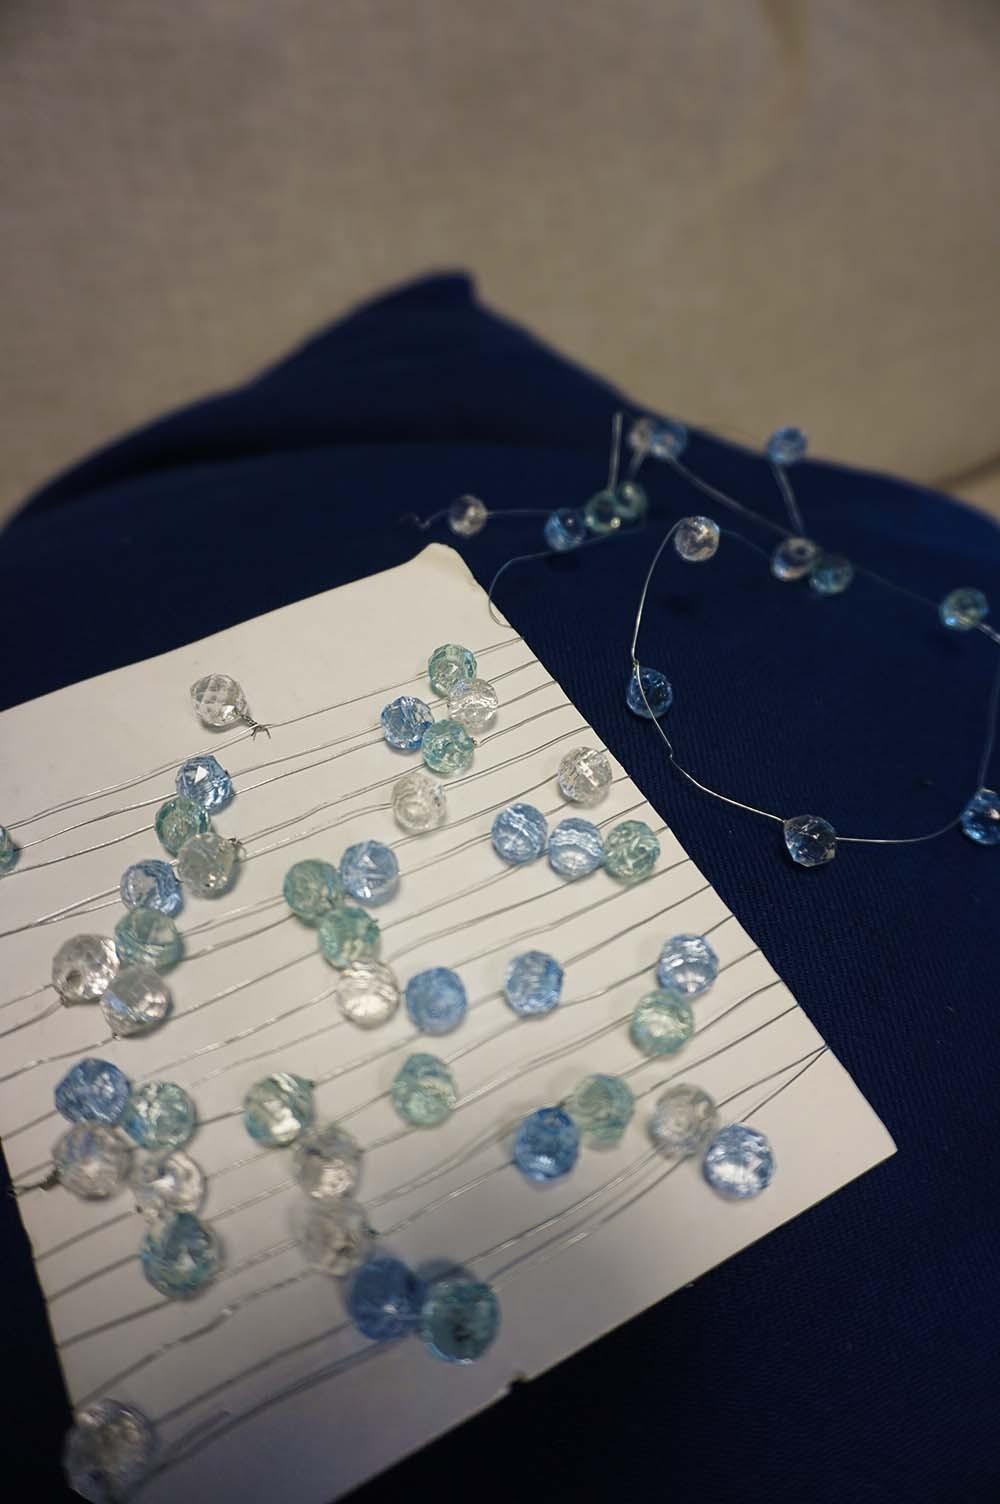 Pärltråd, kristall, turkos och ljusblå